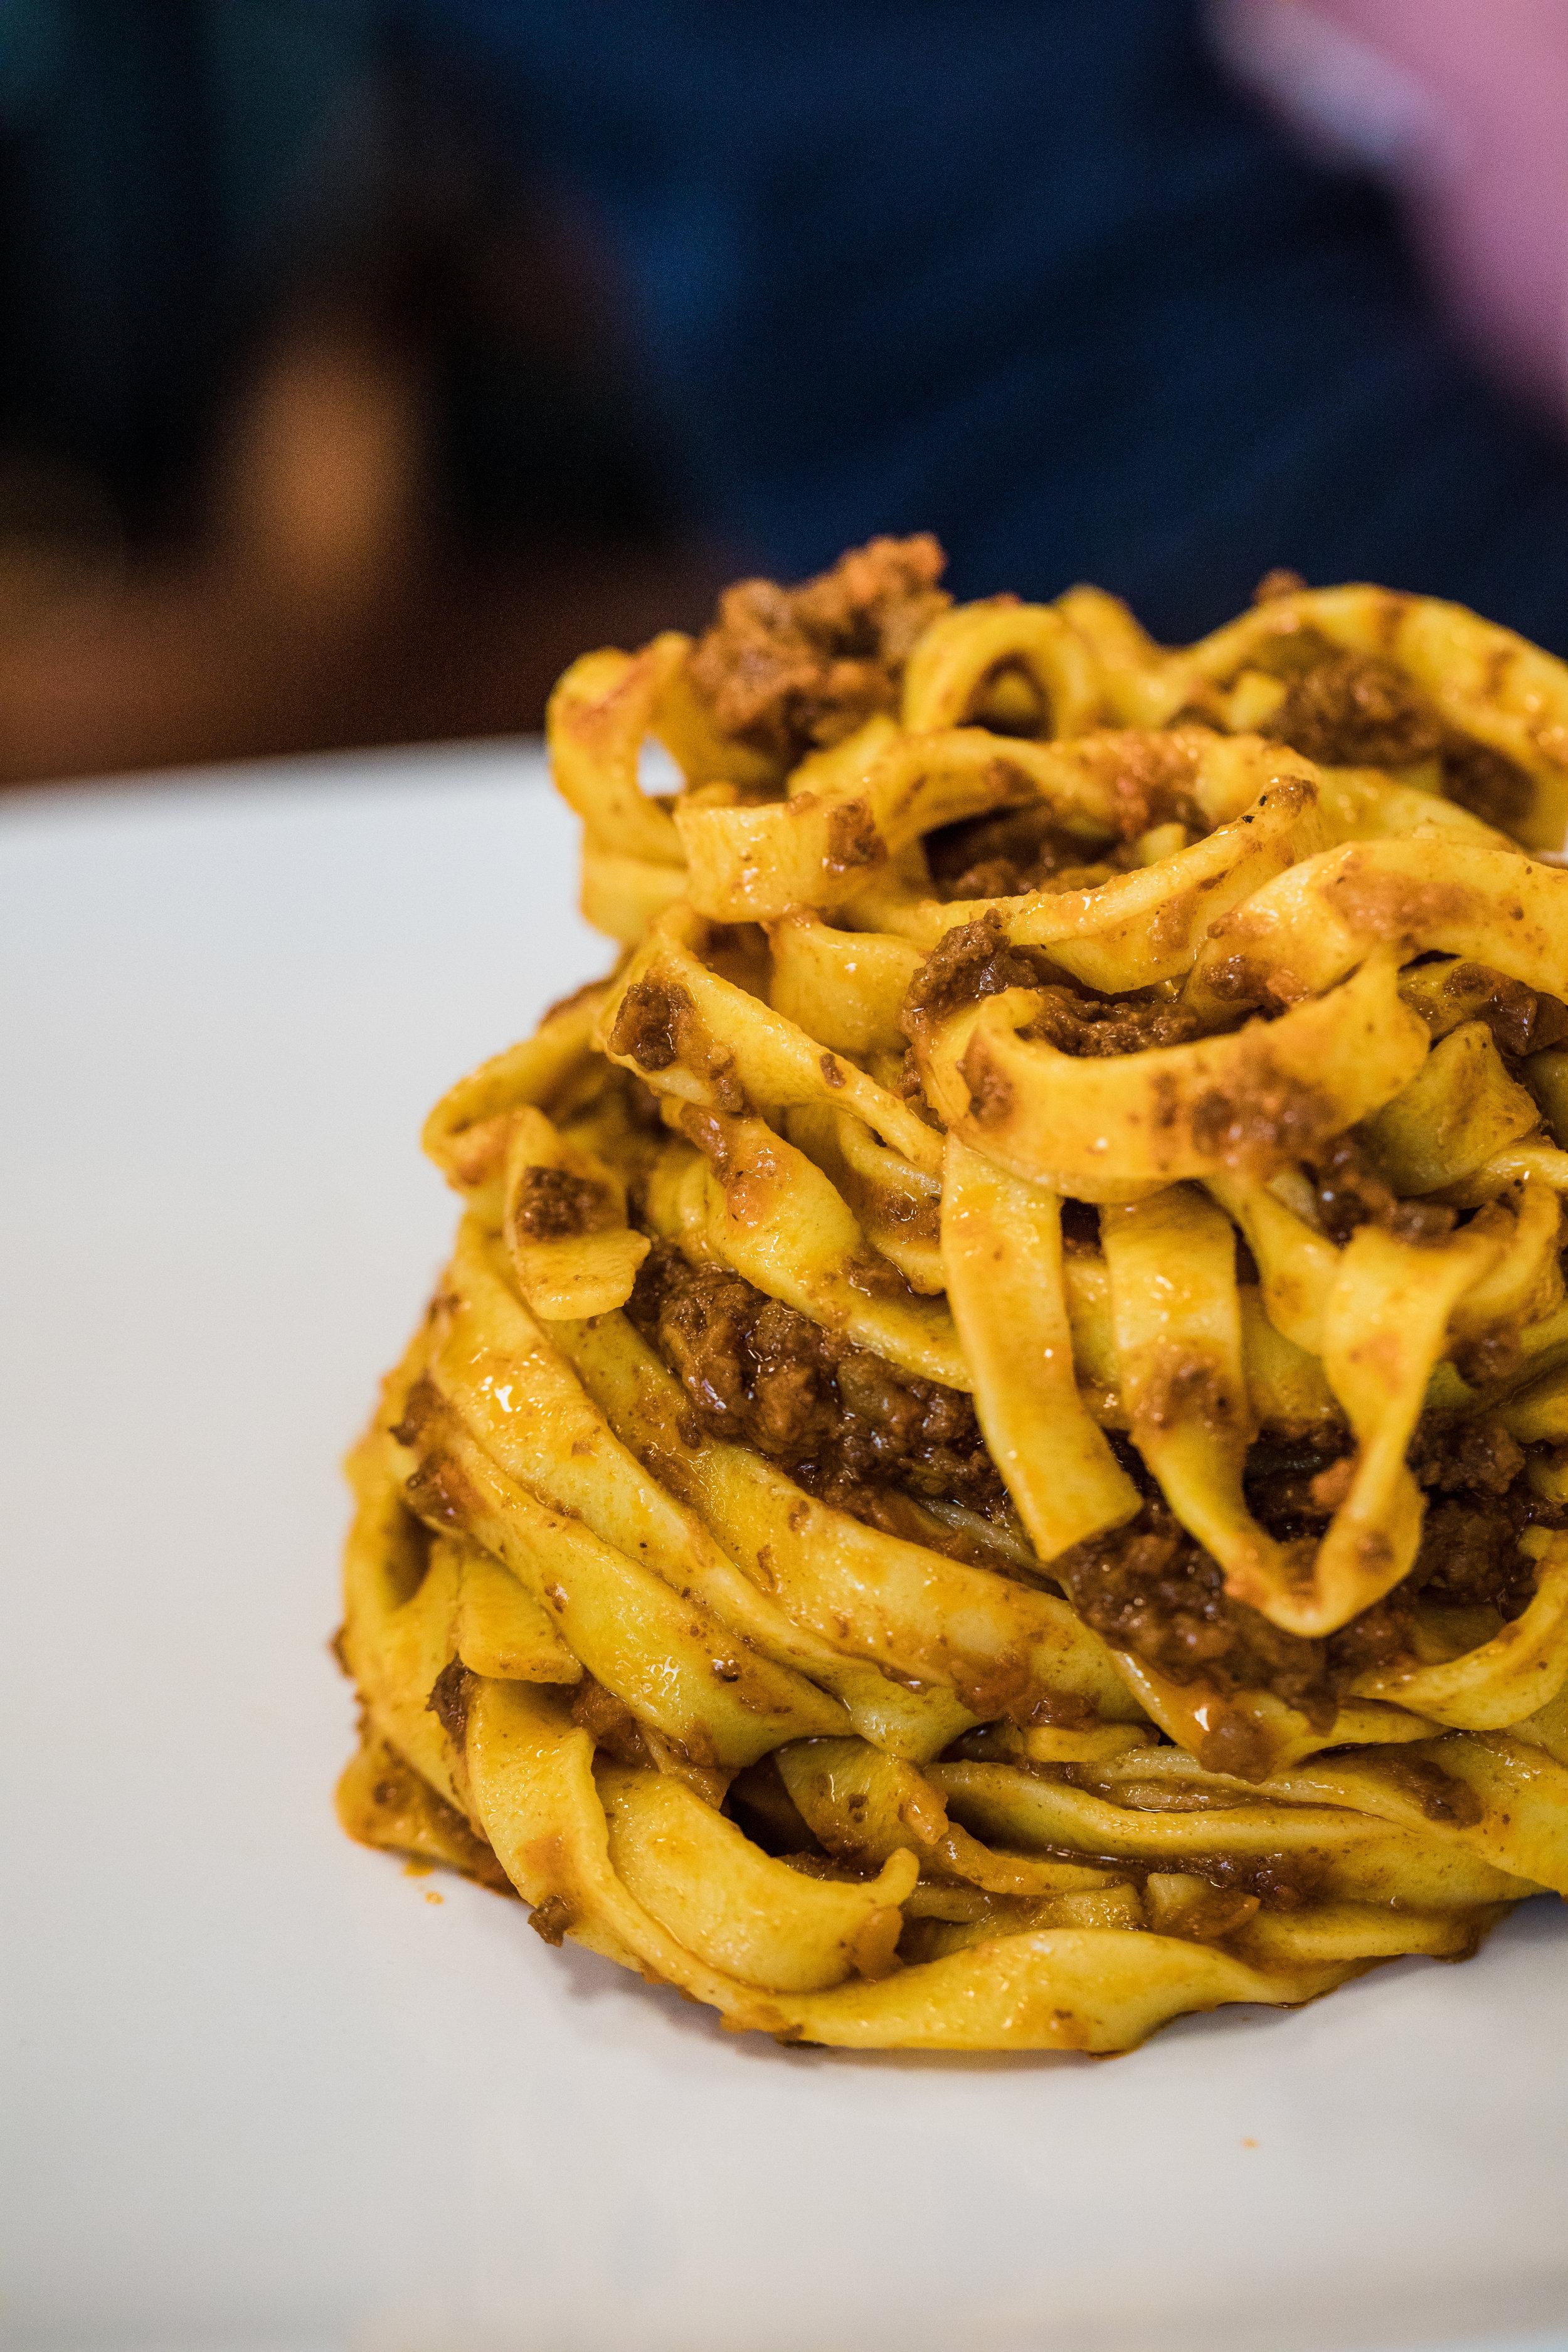 Pasta Sugo - Den geschmacklichen Unterschied machen bei Pastasoßen kleine Details aus. Egal ob eine klassische Tomatensoße oder ein Salciccia-Ricotta-Sugo: Hier entscheidet nicht nur die Qualität der Einzelzutaten, sondern auch die richtige Wahl der Pfanne oder das richtige Timing über das Ergebnis.Folgende Pastasugos sind in diesem Kurs enthalten:•Gnocchi in Salciccia-Rotweinsugo, Ricotta und Parmesan•Pacchieri Mare e Monti•Spaghetti Frutti di Mare•Cappelletti Carbonara Autentica•Tagliatelle Scampi e Tartufodazu gibt es knackige Salate und frisch gebackenes Olivenbrot, Oliven und Antipasti.inkl. Begrüßungsgetränkinkl. alkoholfreier GetränkeTeilnehmerzahl: 8-10 PersonenWorkshop-Dauer: 2 StundenKostenpunkt: 99€ pro PersonStart: 18:30 Uhr